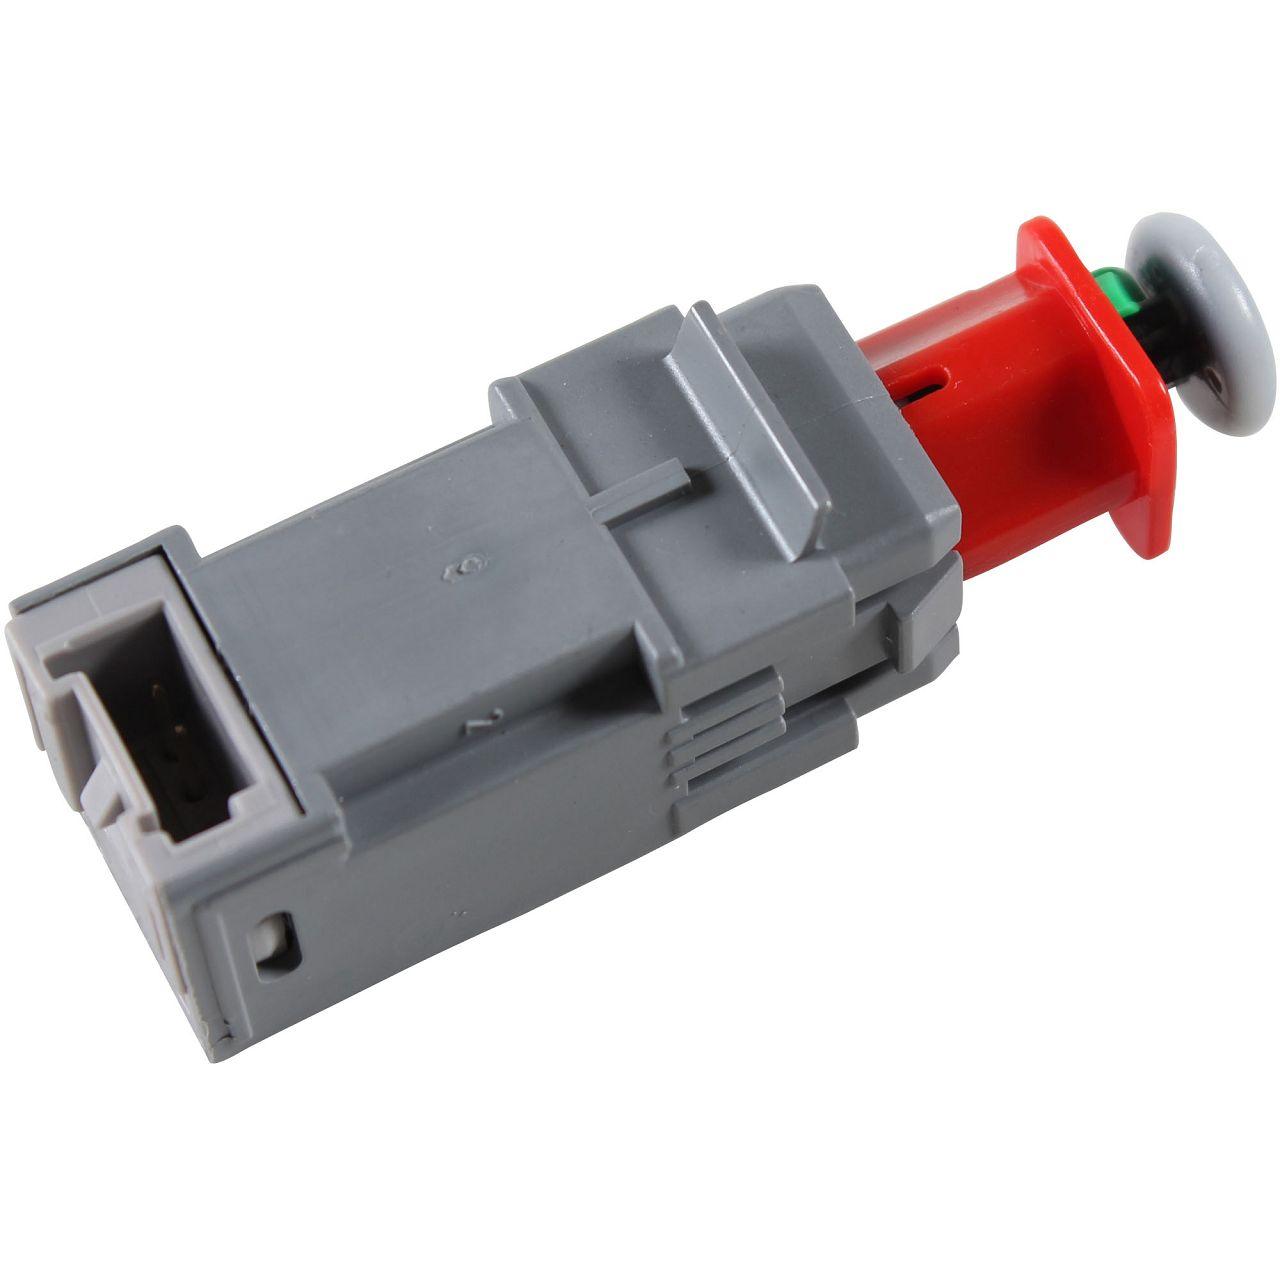 Schalter Kupplung Kupplungsbetätigung Kupplungsschalter 2-polig für OPEL 6239120